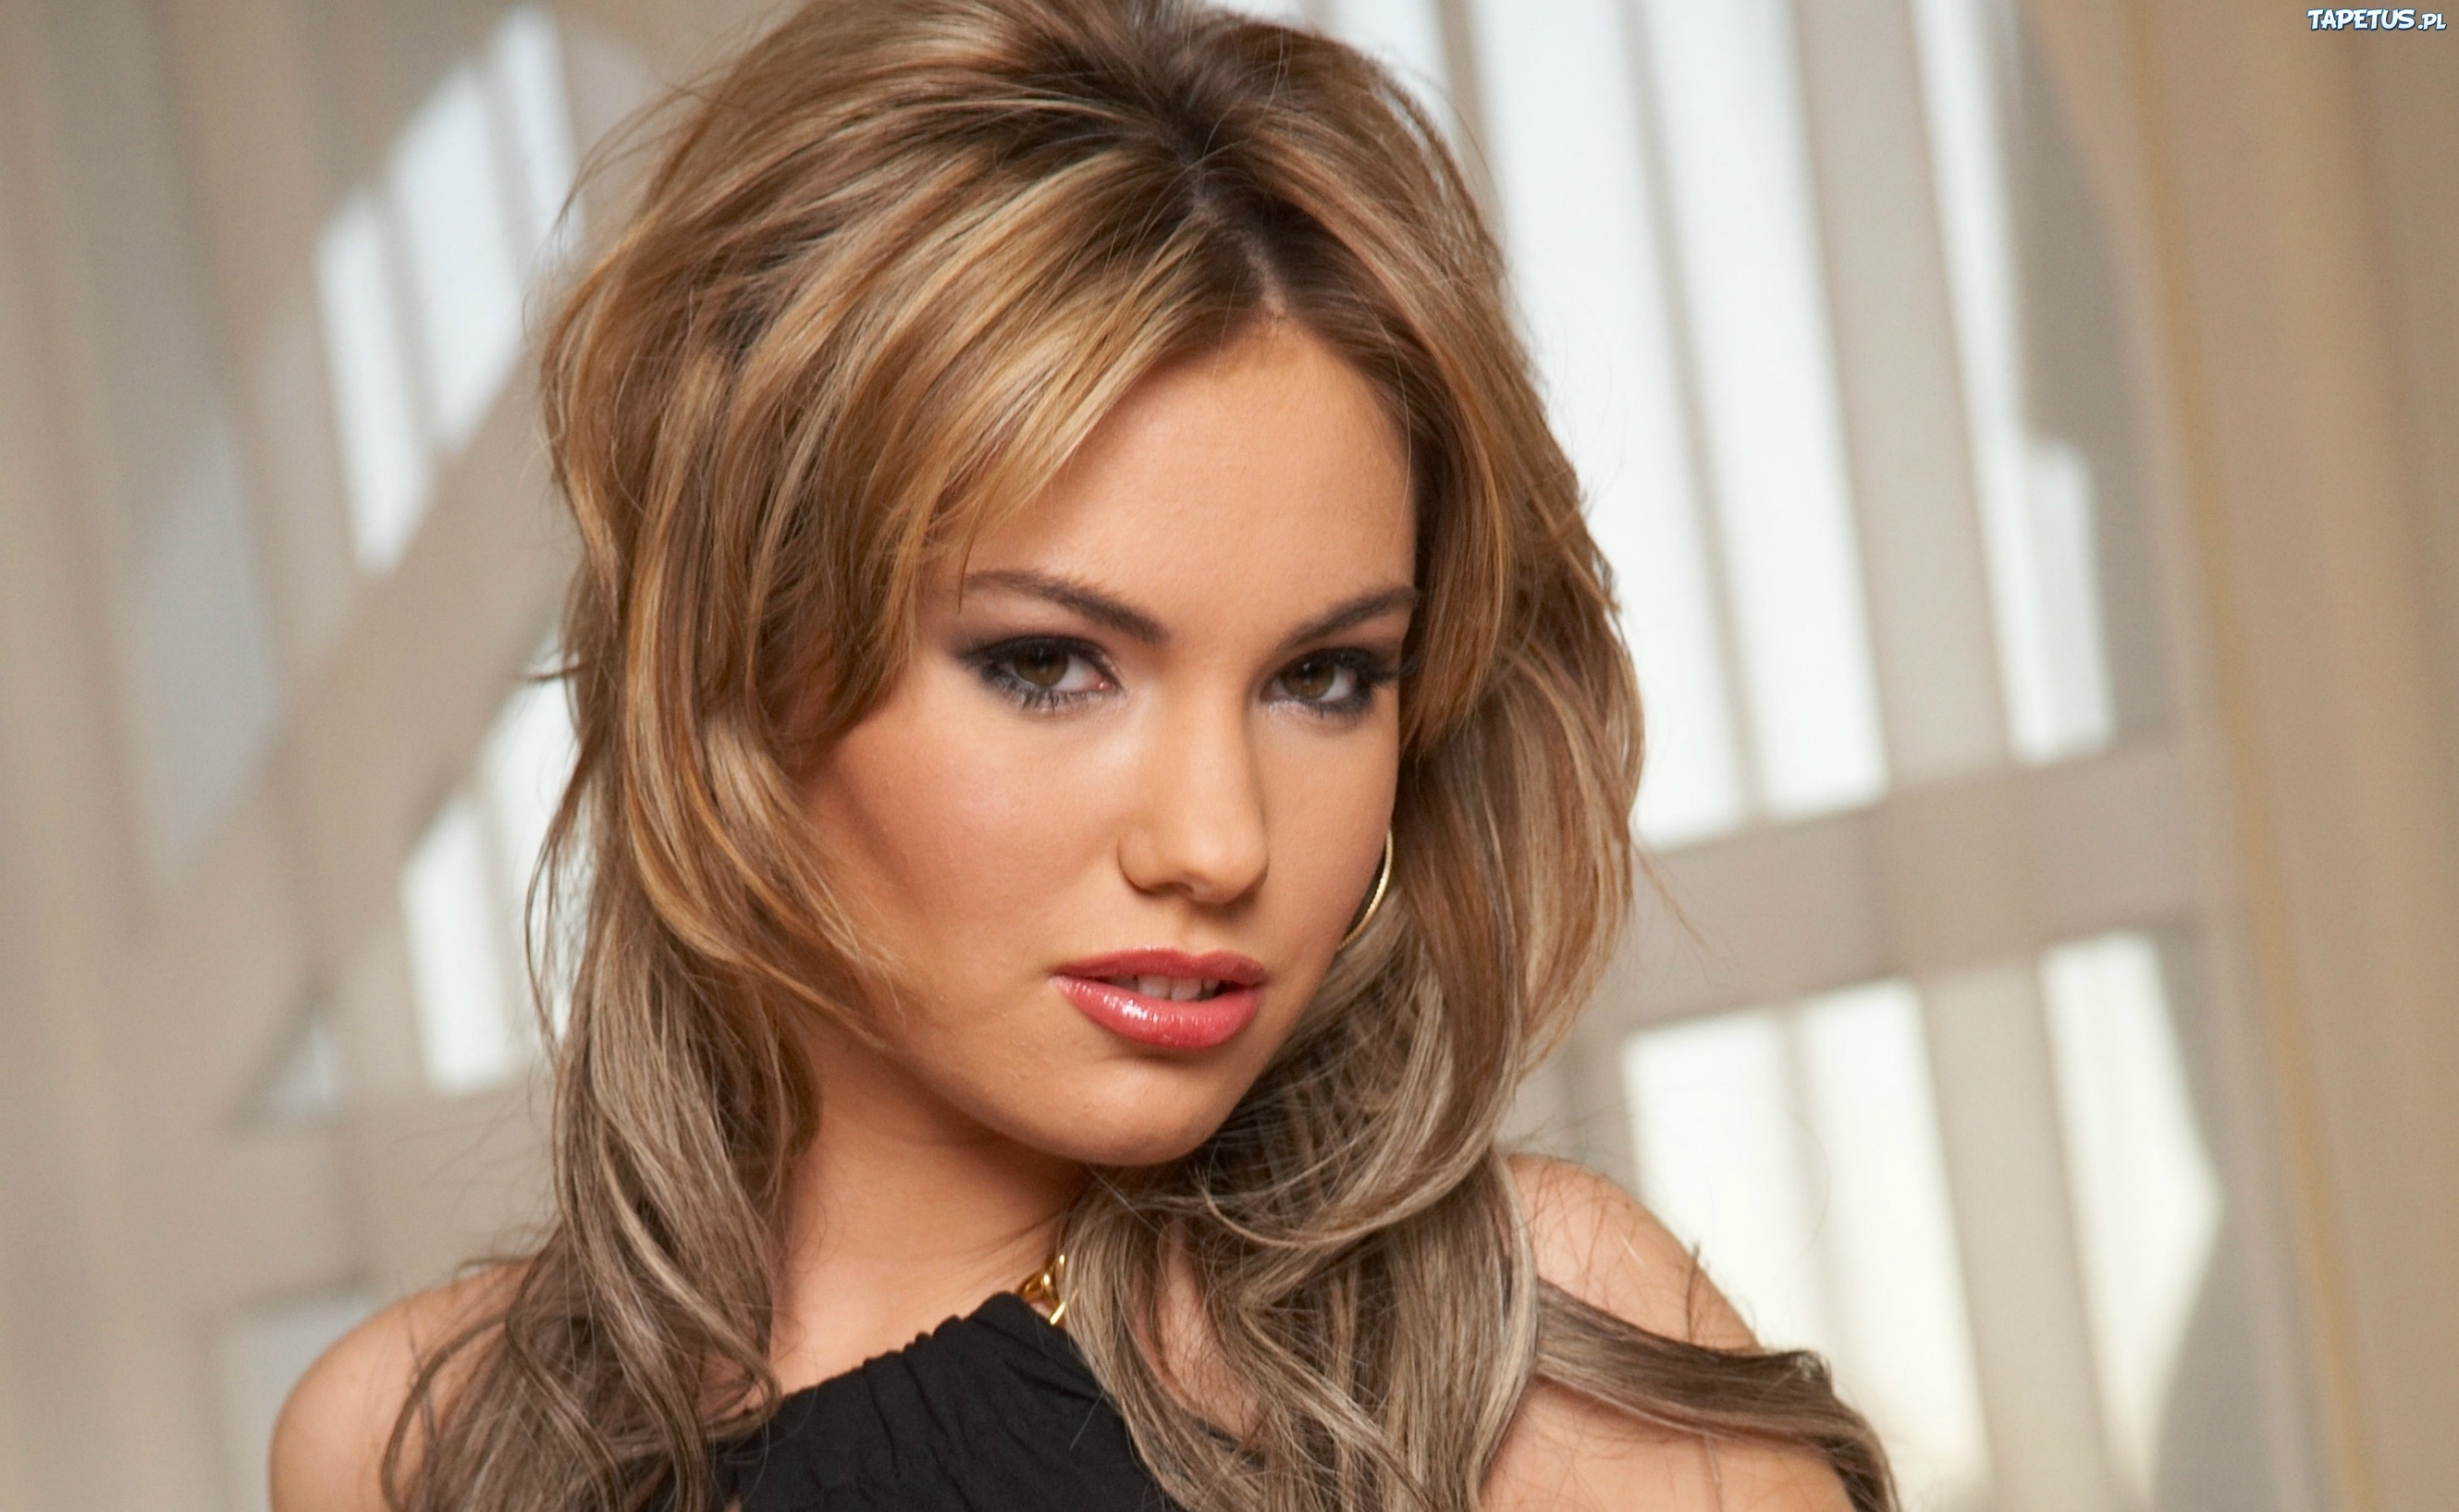 Veronika Fasterova